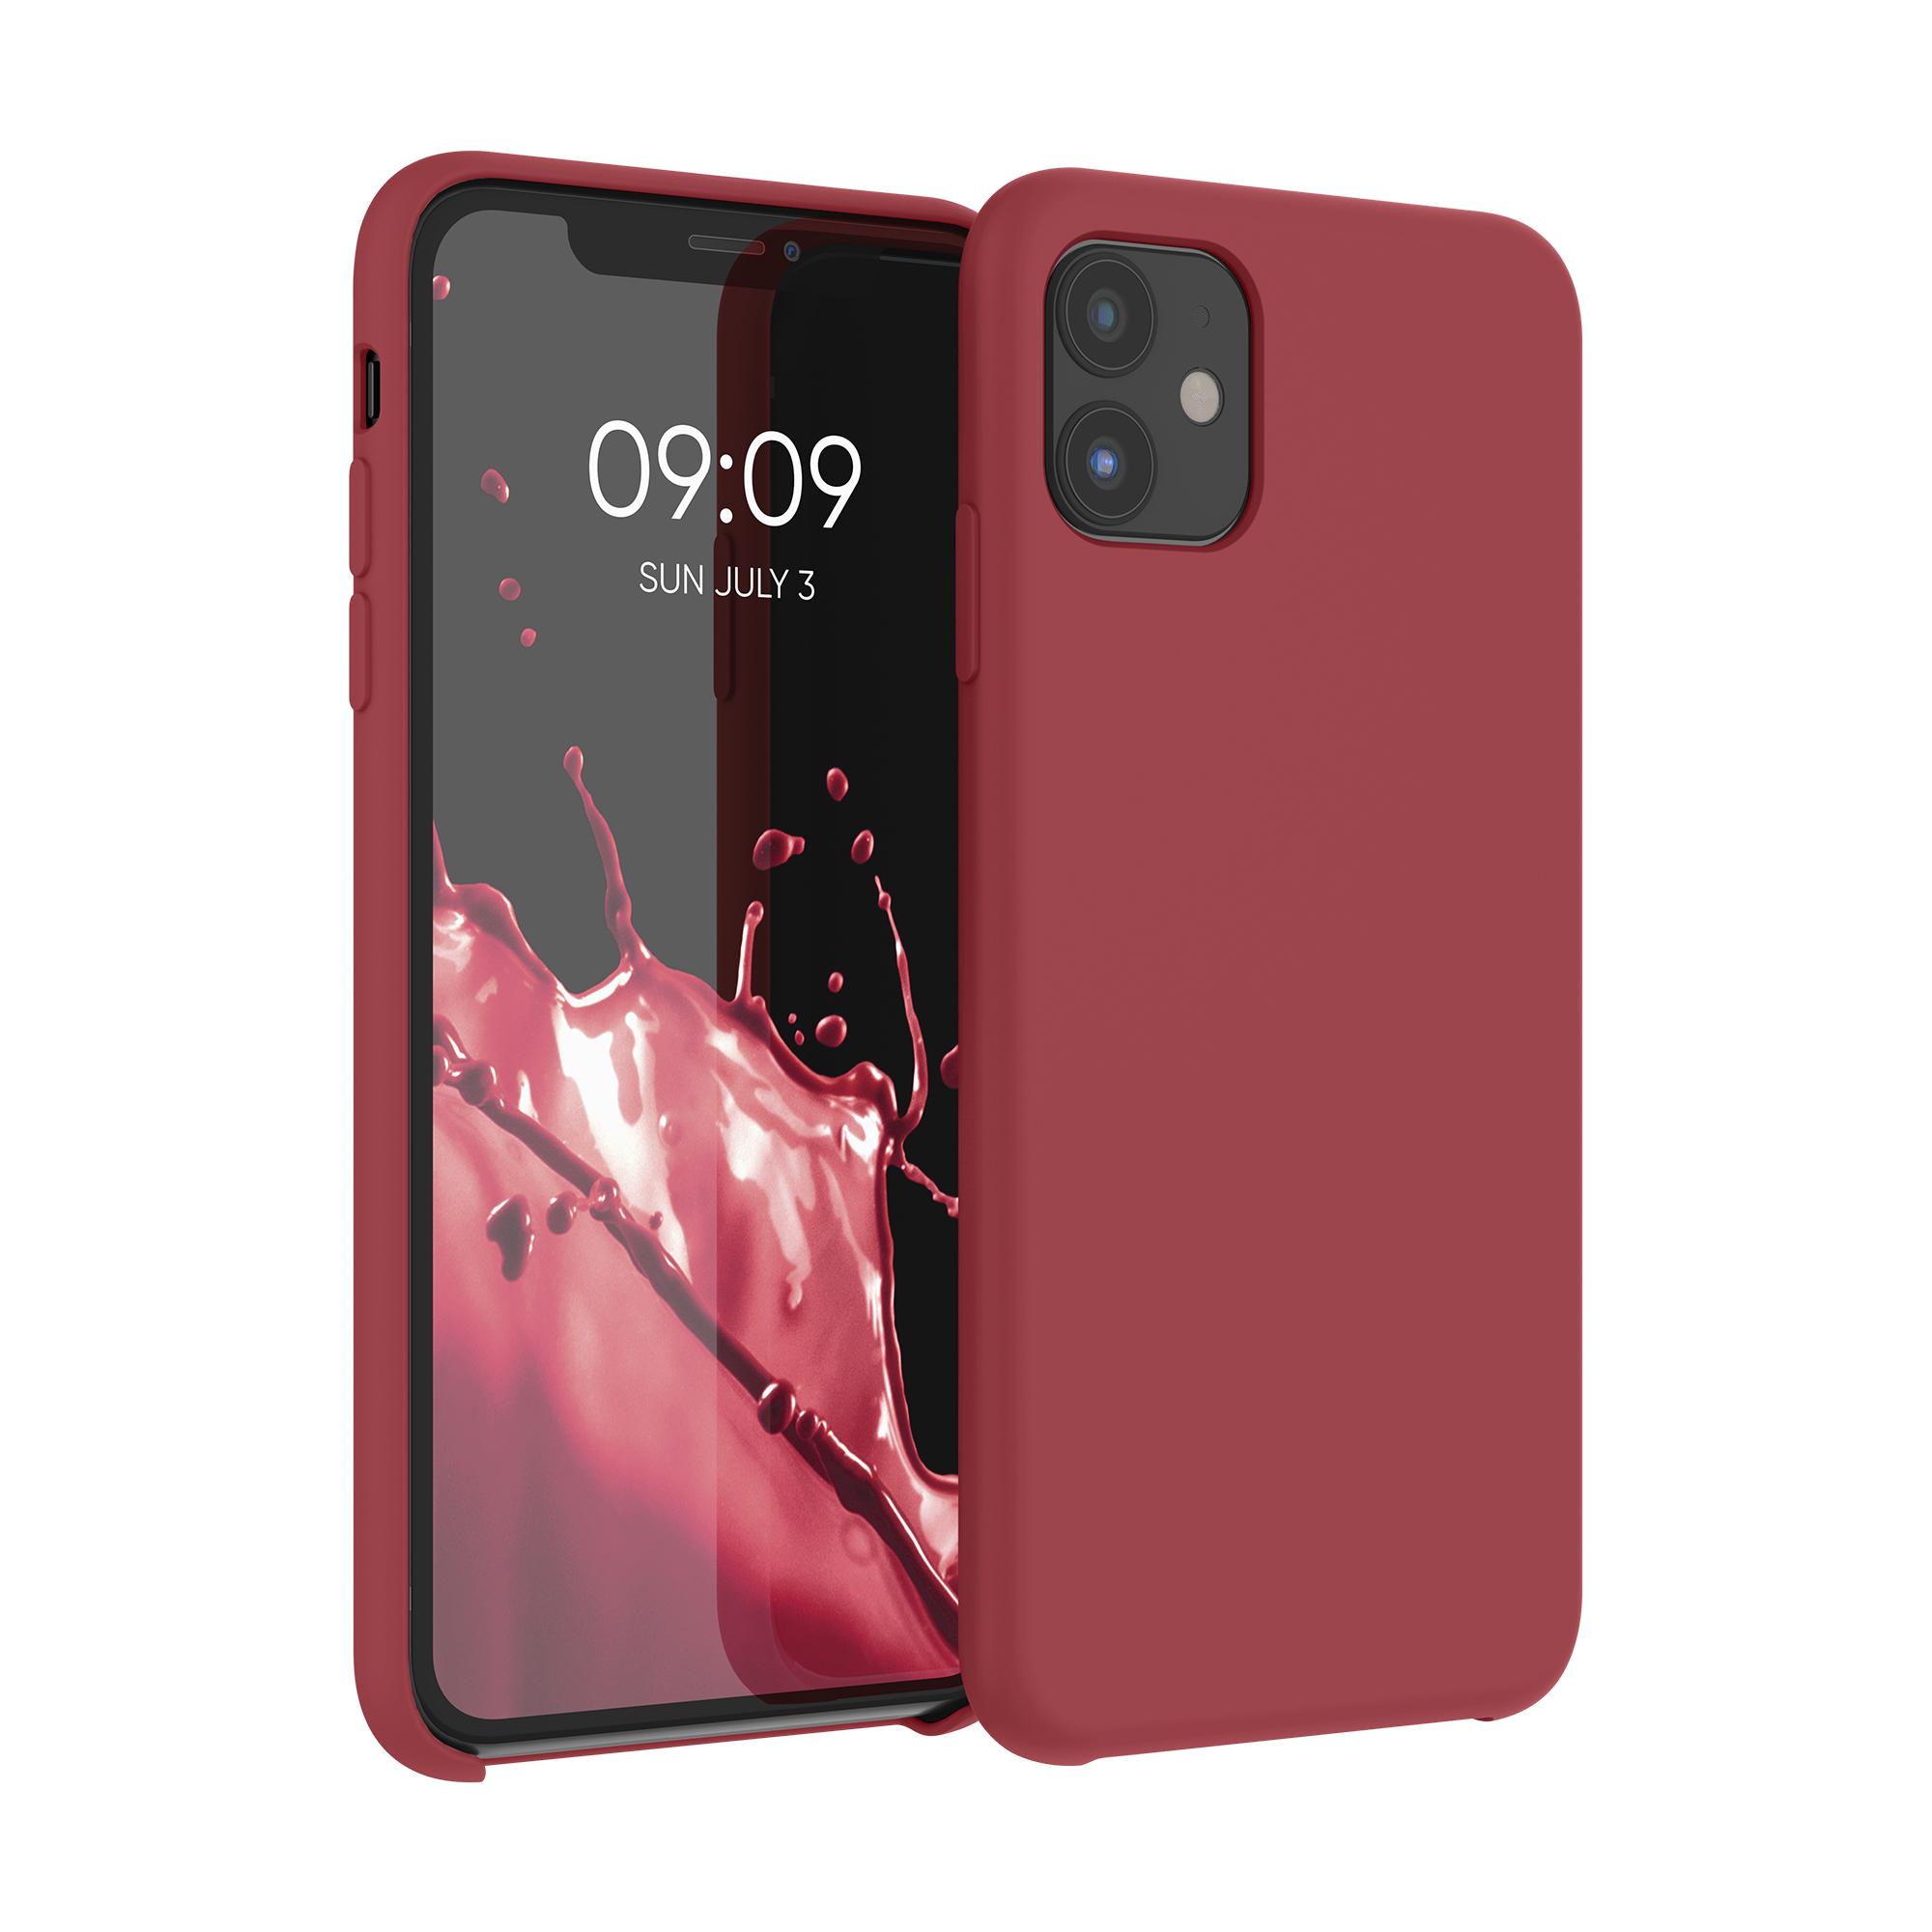 Kvalitní silikonové TPU pouzdro pro Apple iPhone 11 - Tmavě červená